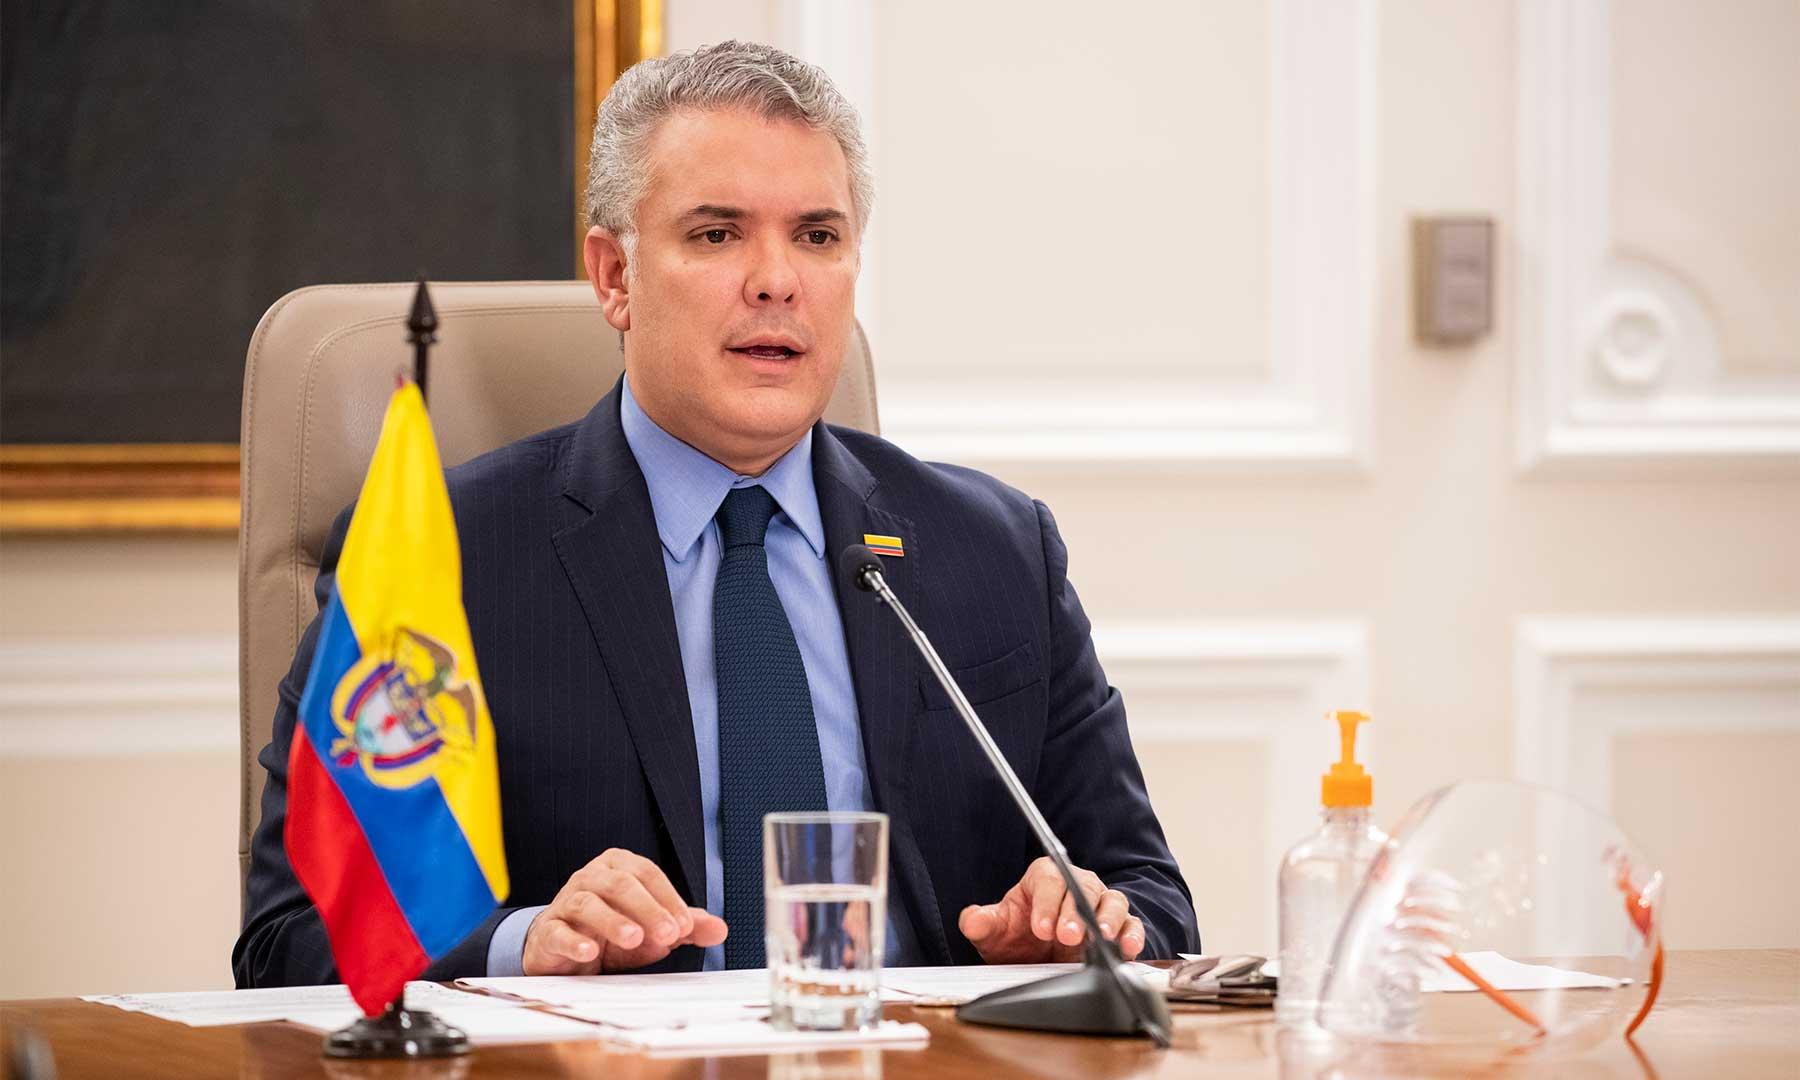 El presidente de Colombia, Iván Duque, respondió este lunes a Seuxis Paucias Hernández Solarte, alias Jesús Santrich. El guerrillero colombiano grabó un video, al parecer desde Venezuela, en el cual amenaza de muerte al mandatario colombiano